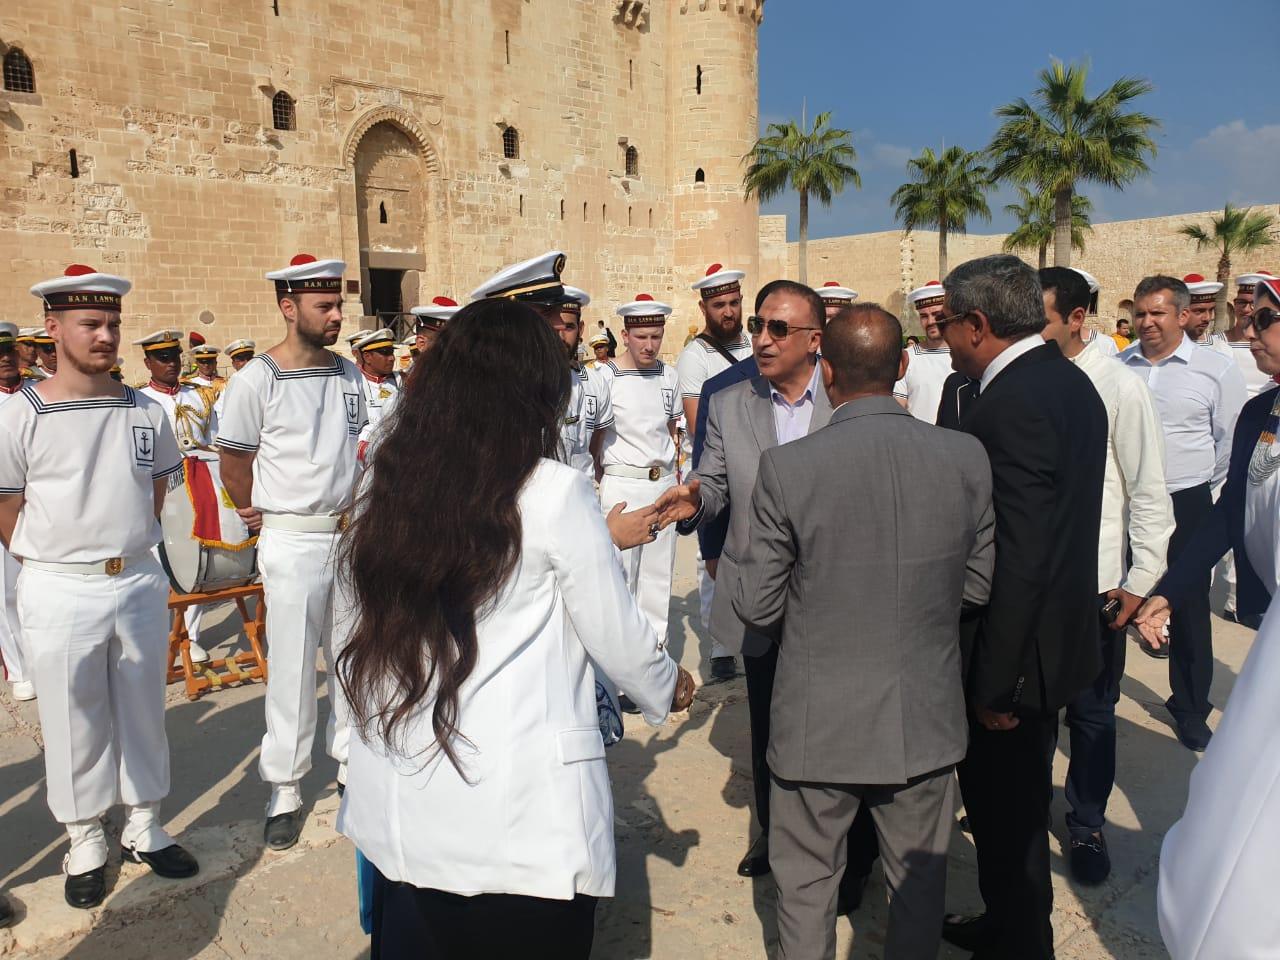 فرقة الموسيقى التراثية للبحرية الفرنسية بقلعة قايتباى (6)